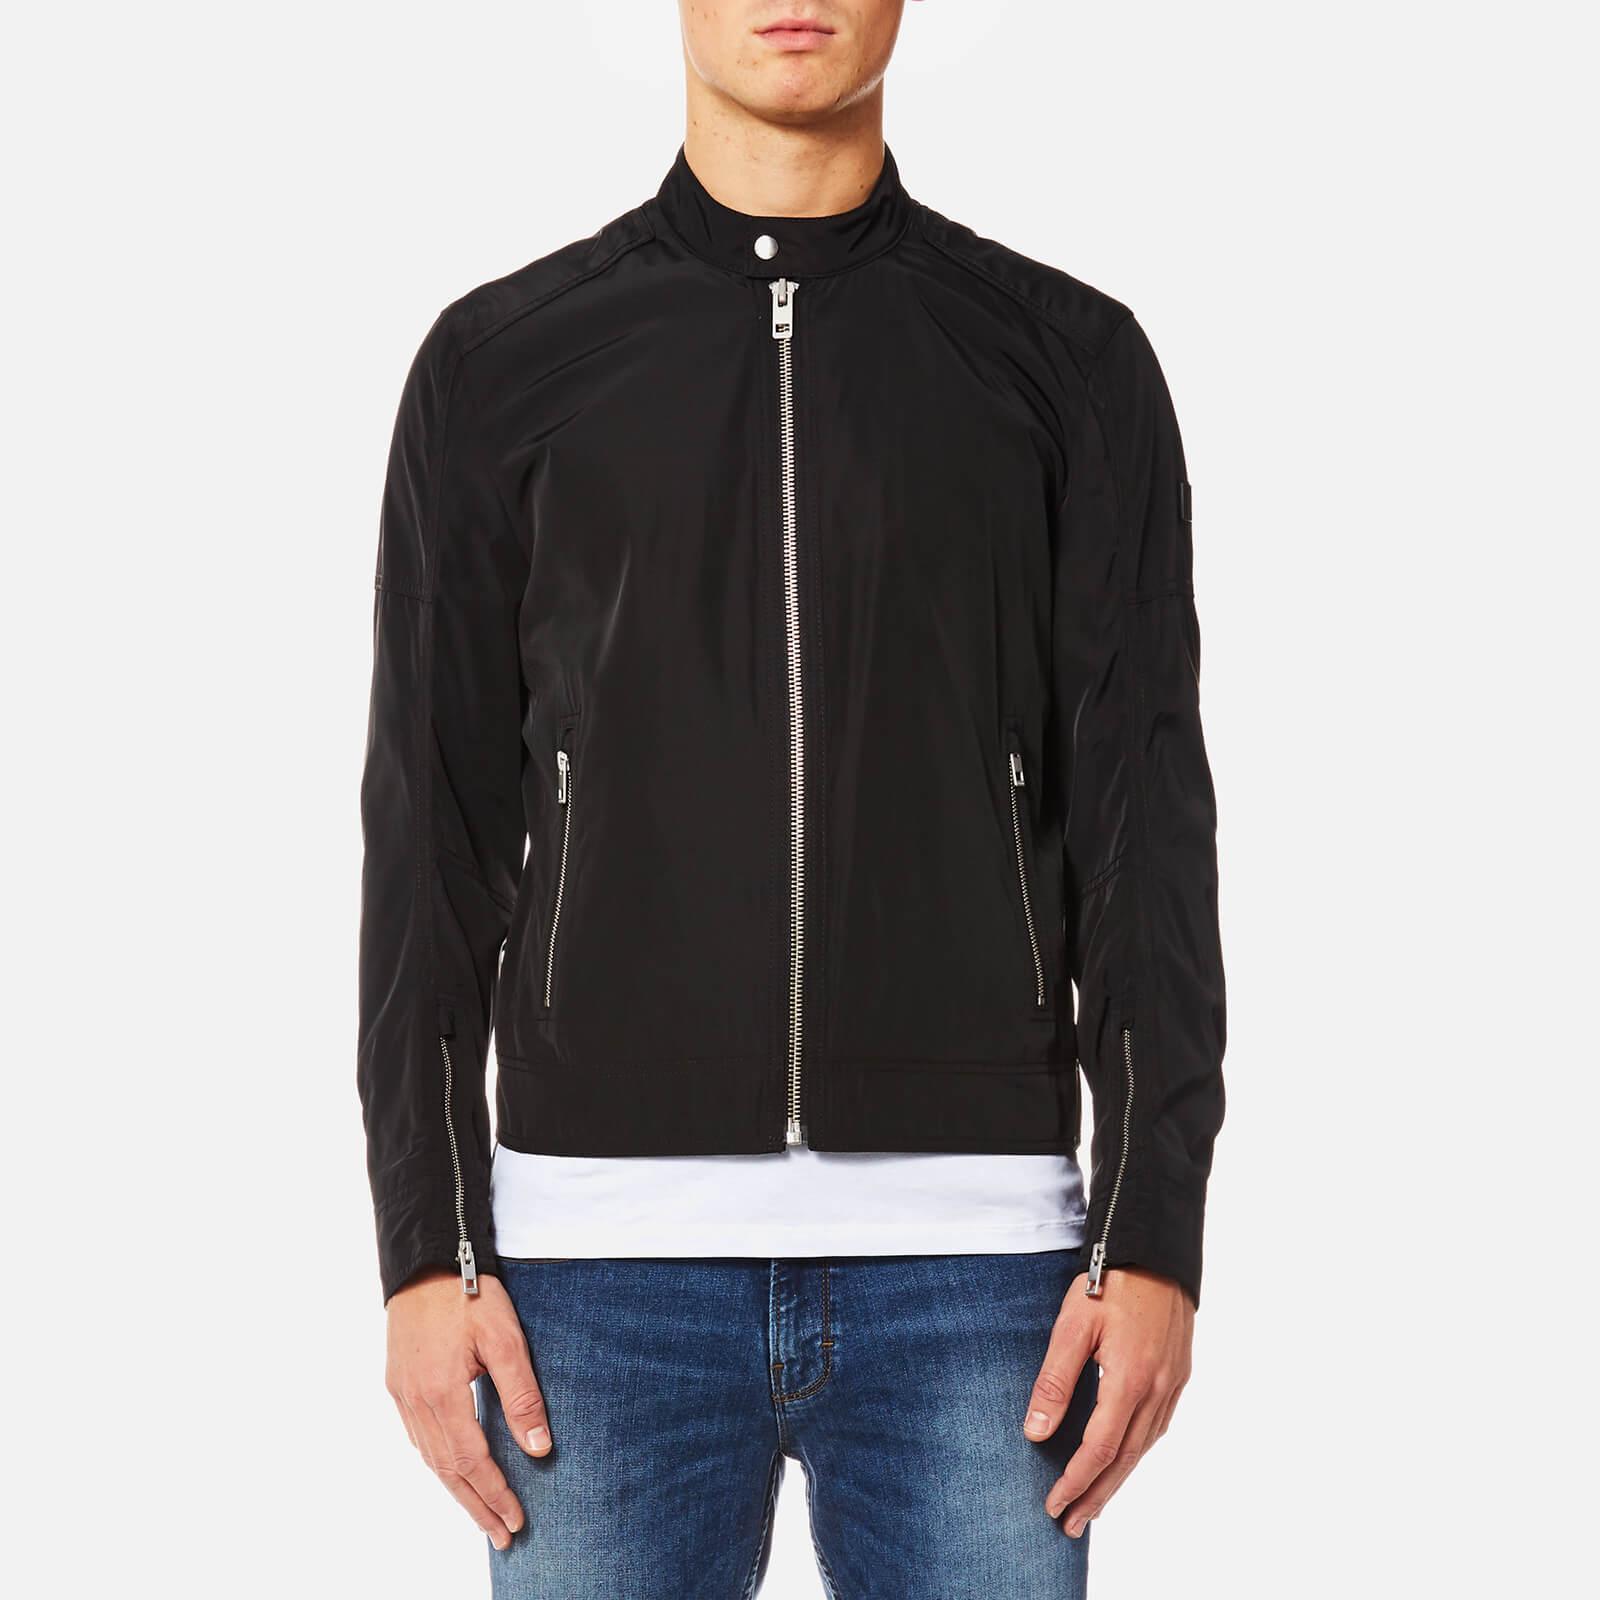 549d0d3d BOSS Orange Men's Olawton Nylon Biker Jacket - Black Clothing | TheHut.com